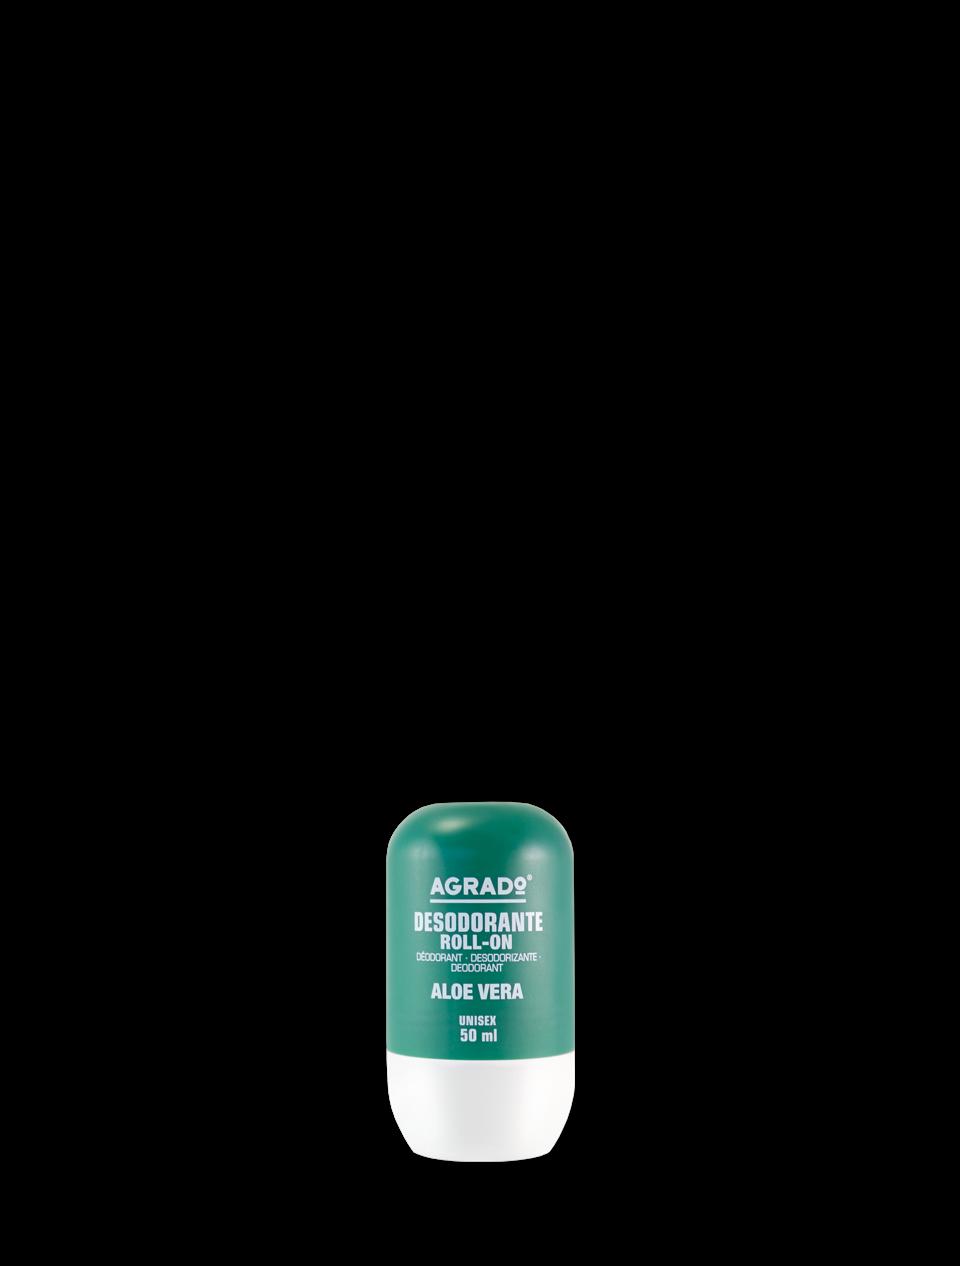 desodorante-roll-on-aloe-vera-agrado-5252